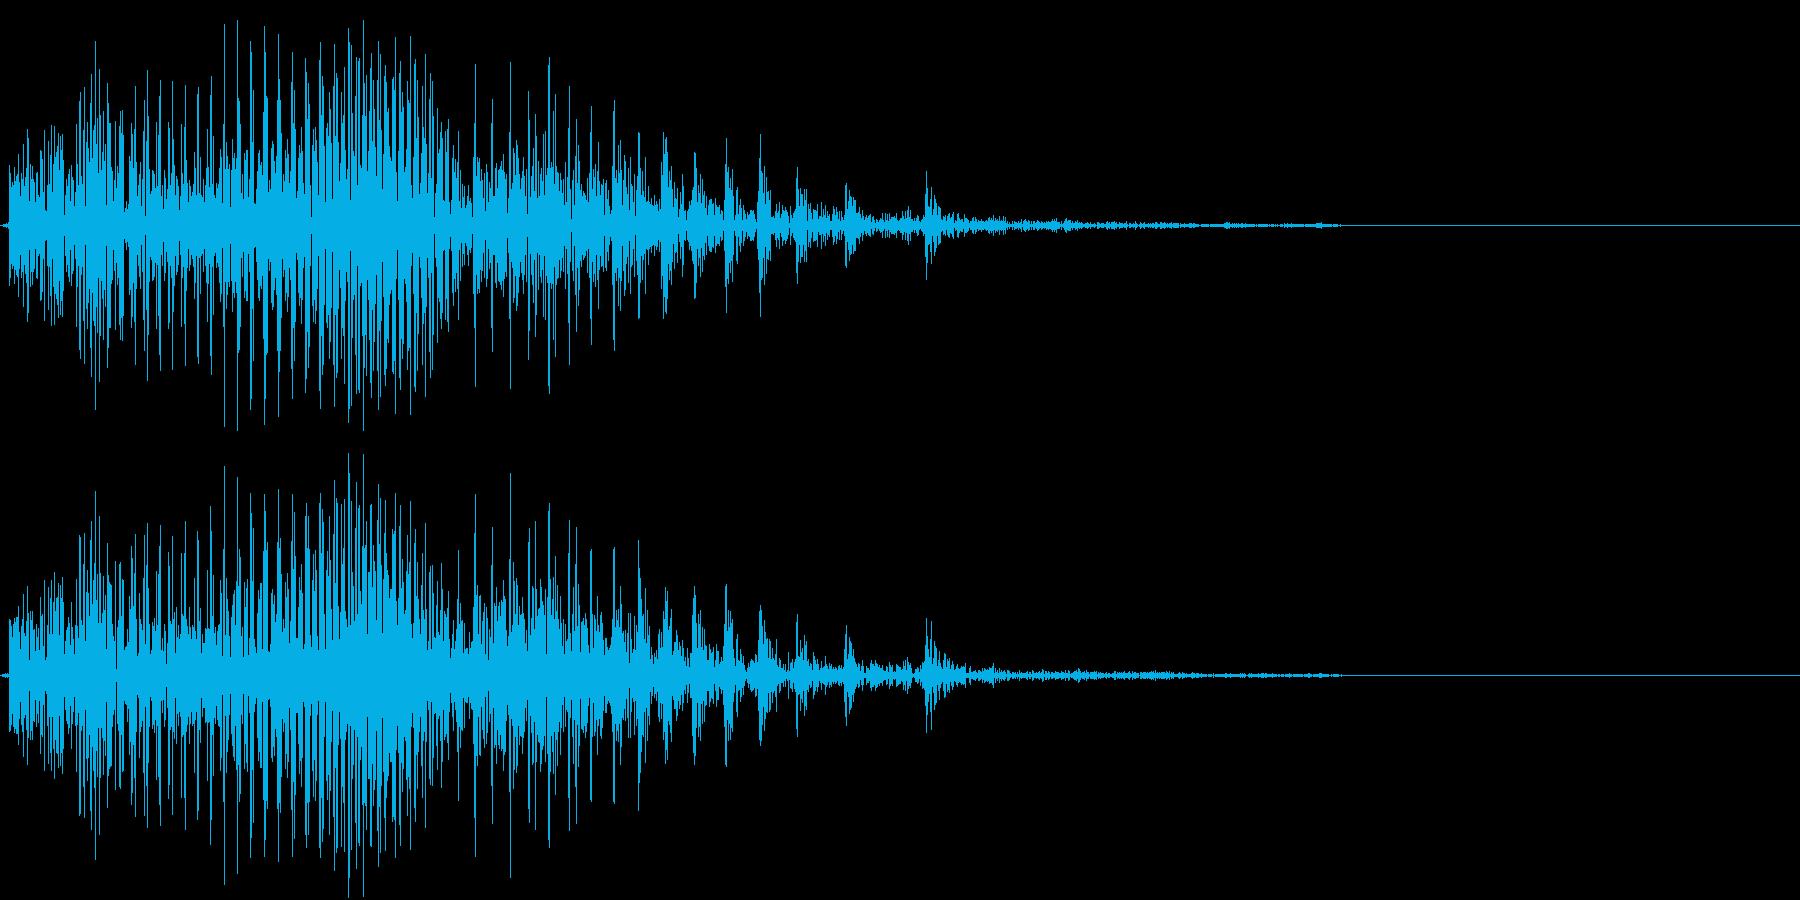 Piko ピコピコハンマー バラエティ の再生済みの波形